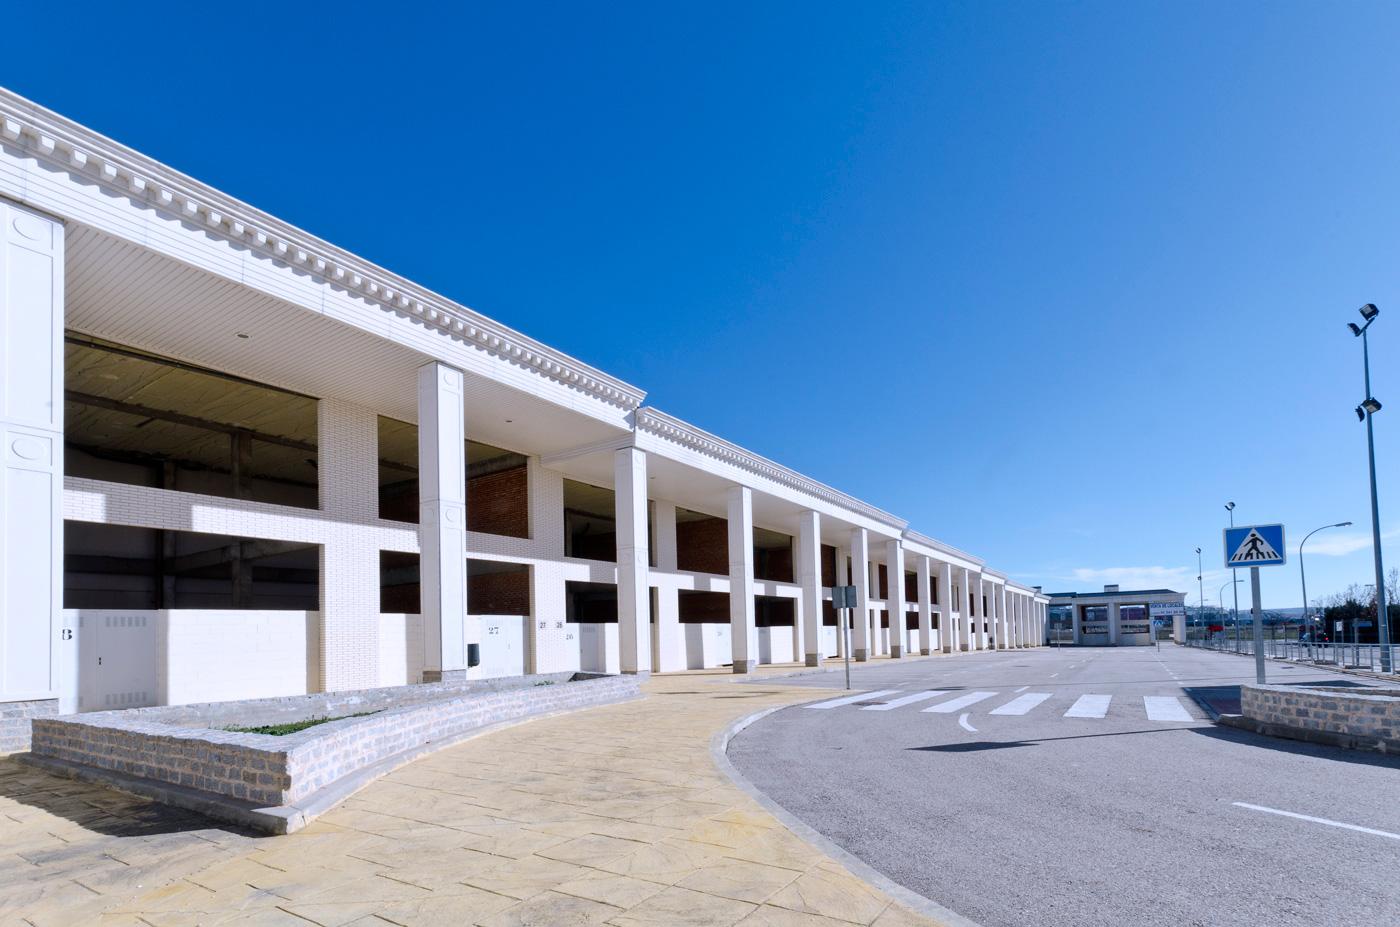 locales comerciales en Centro Comercial Gran Via - Rivas Vaciamadrid